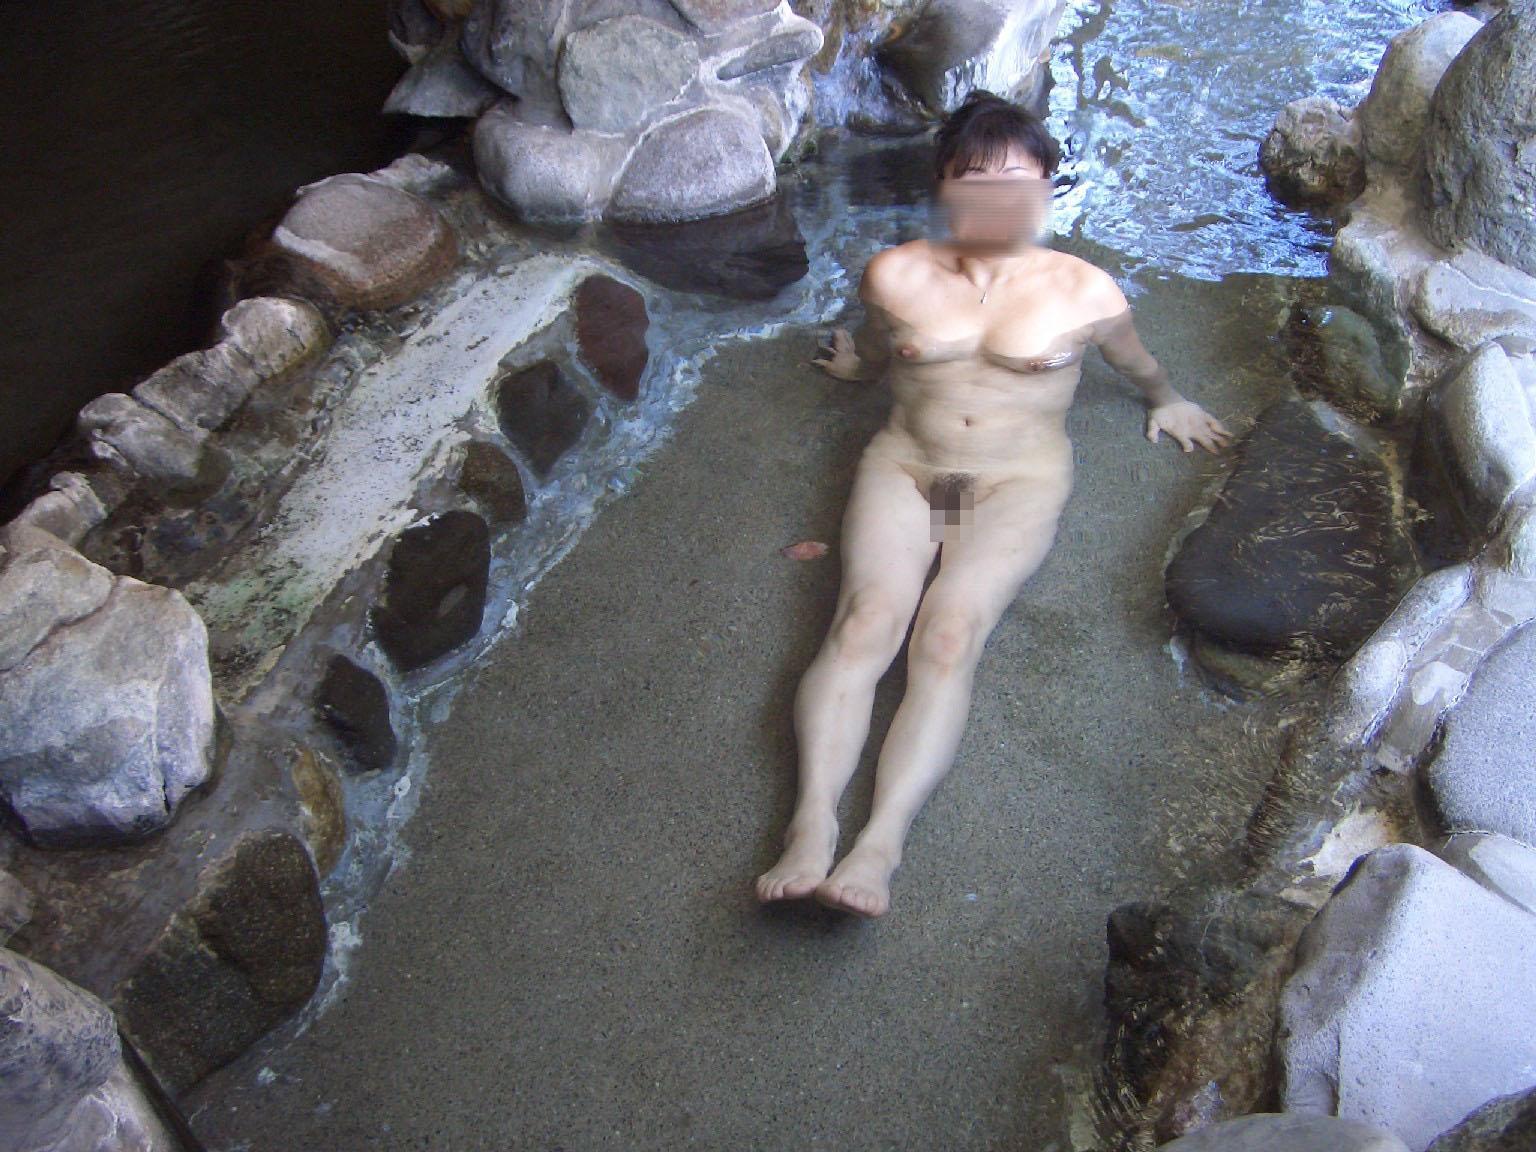 【露天風呂エロ画像】嫁と温泉行った折角だからカメラ持ち込み裸体をパシャ撮り! 07